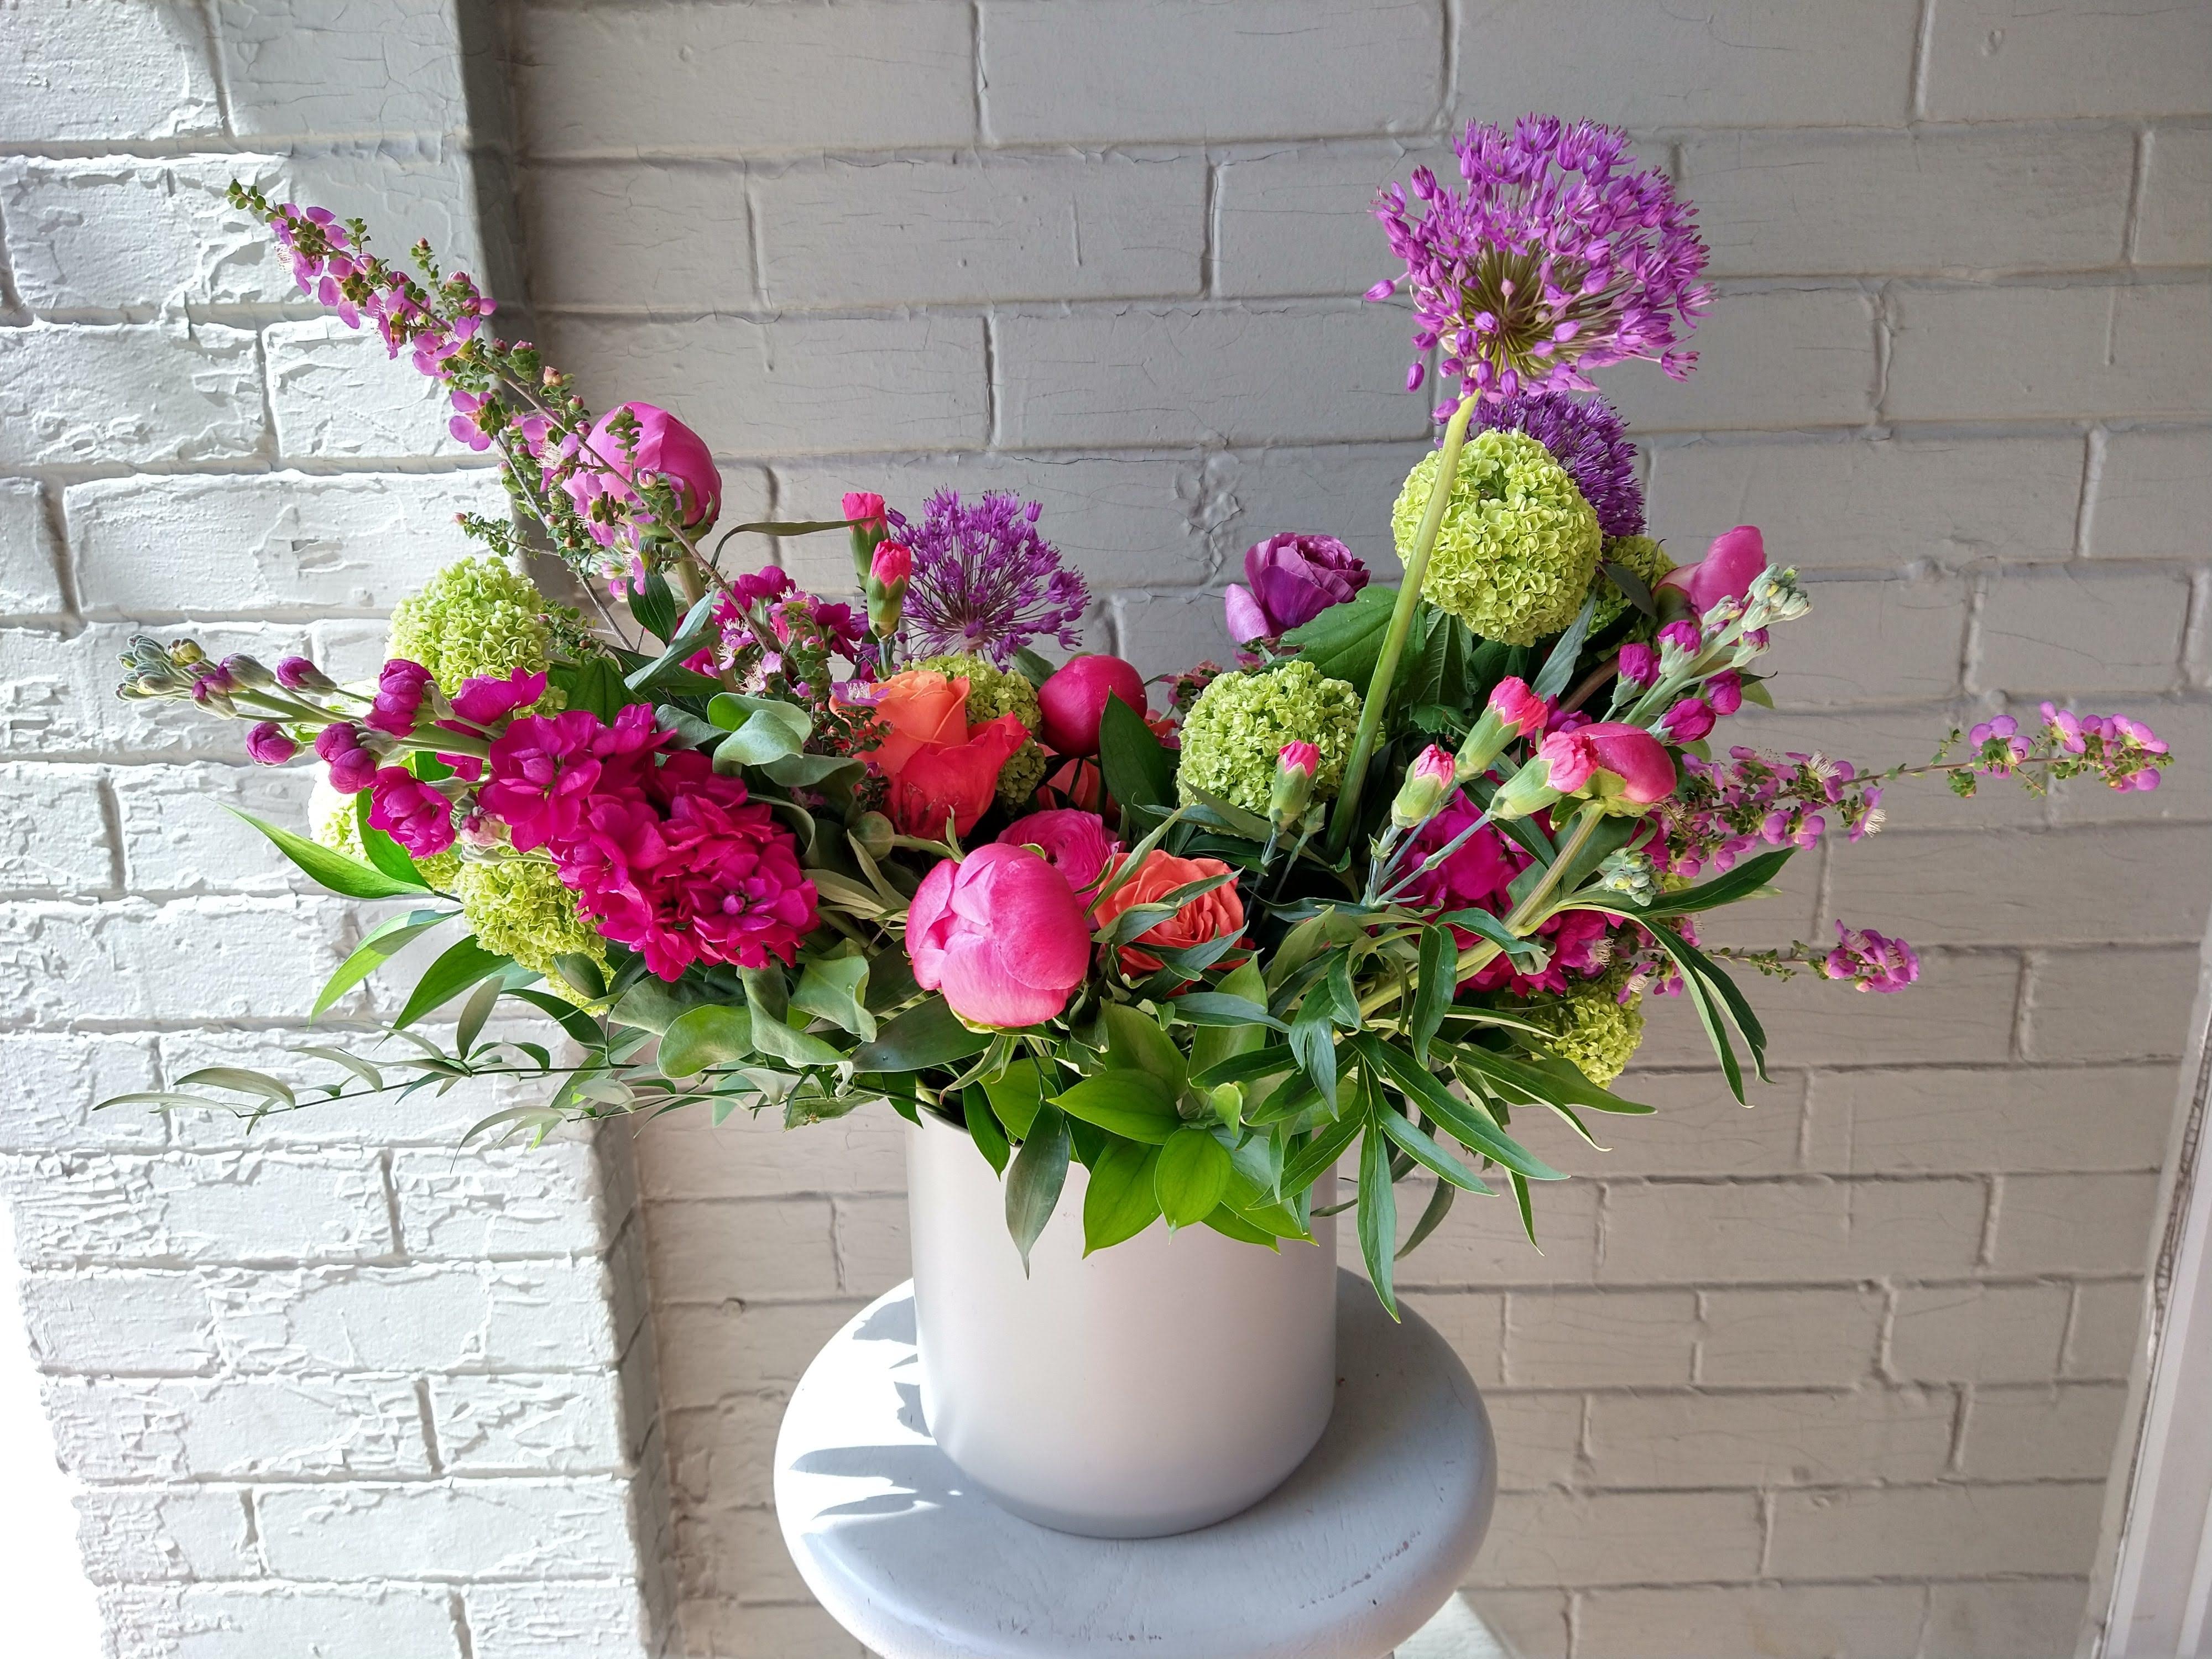 Larger arrangement